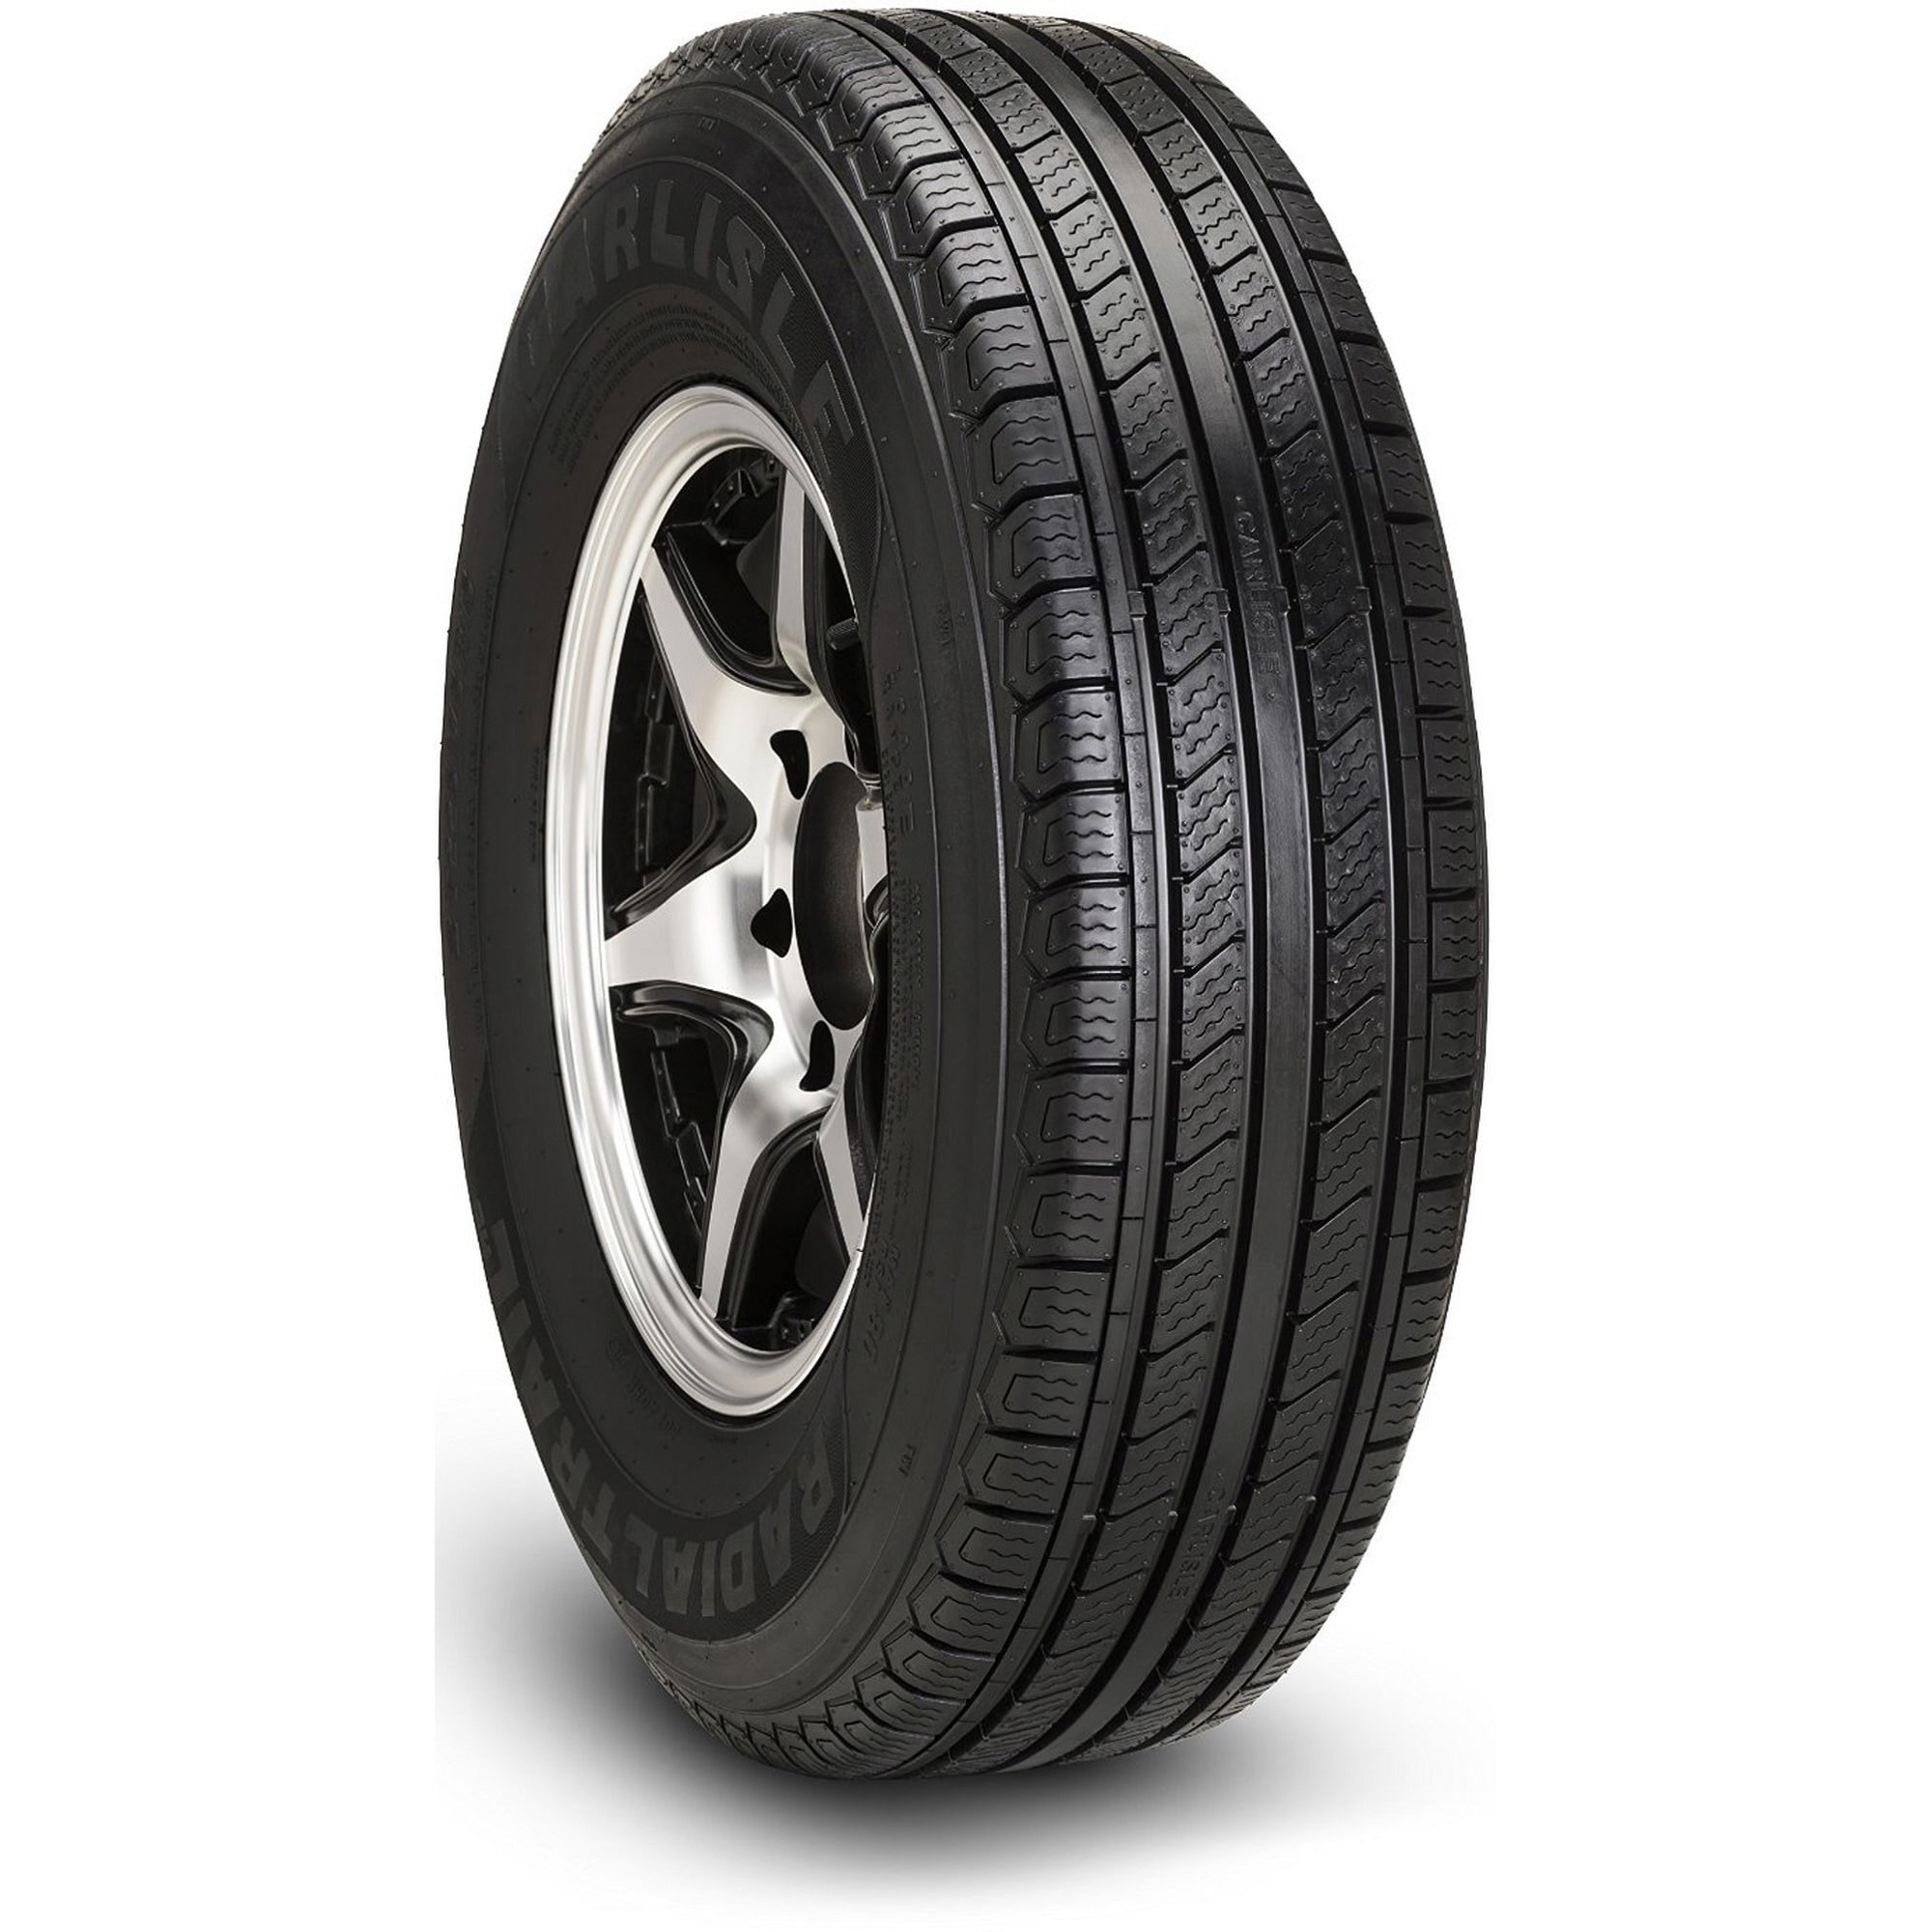 Carlisle Radial Trail HD Trailer Tire - ST185/80R13 LRC/6...